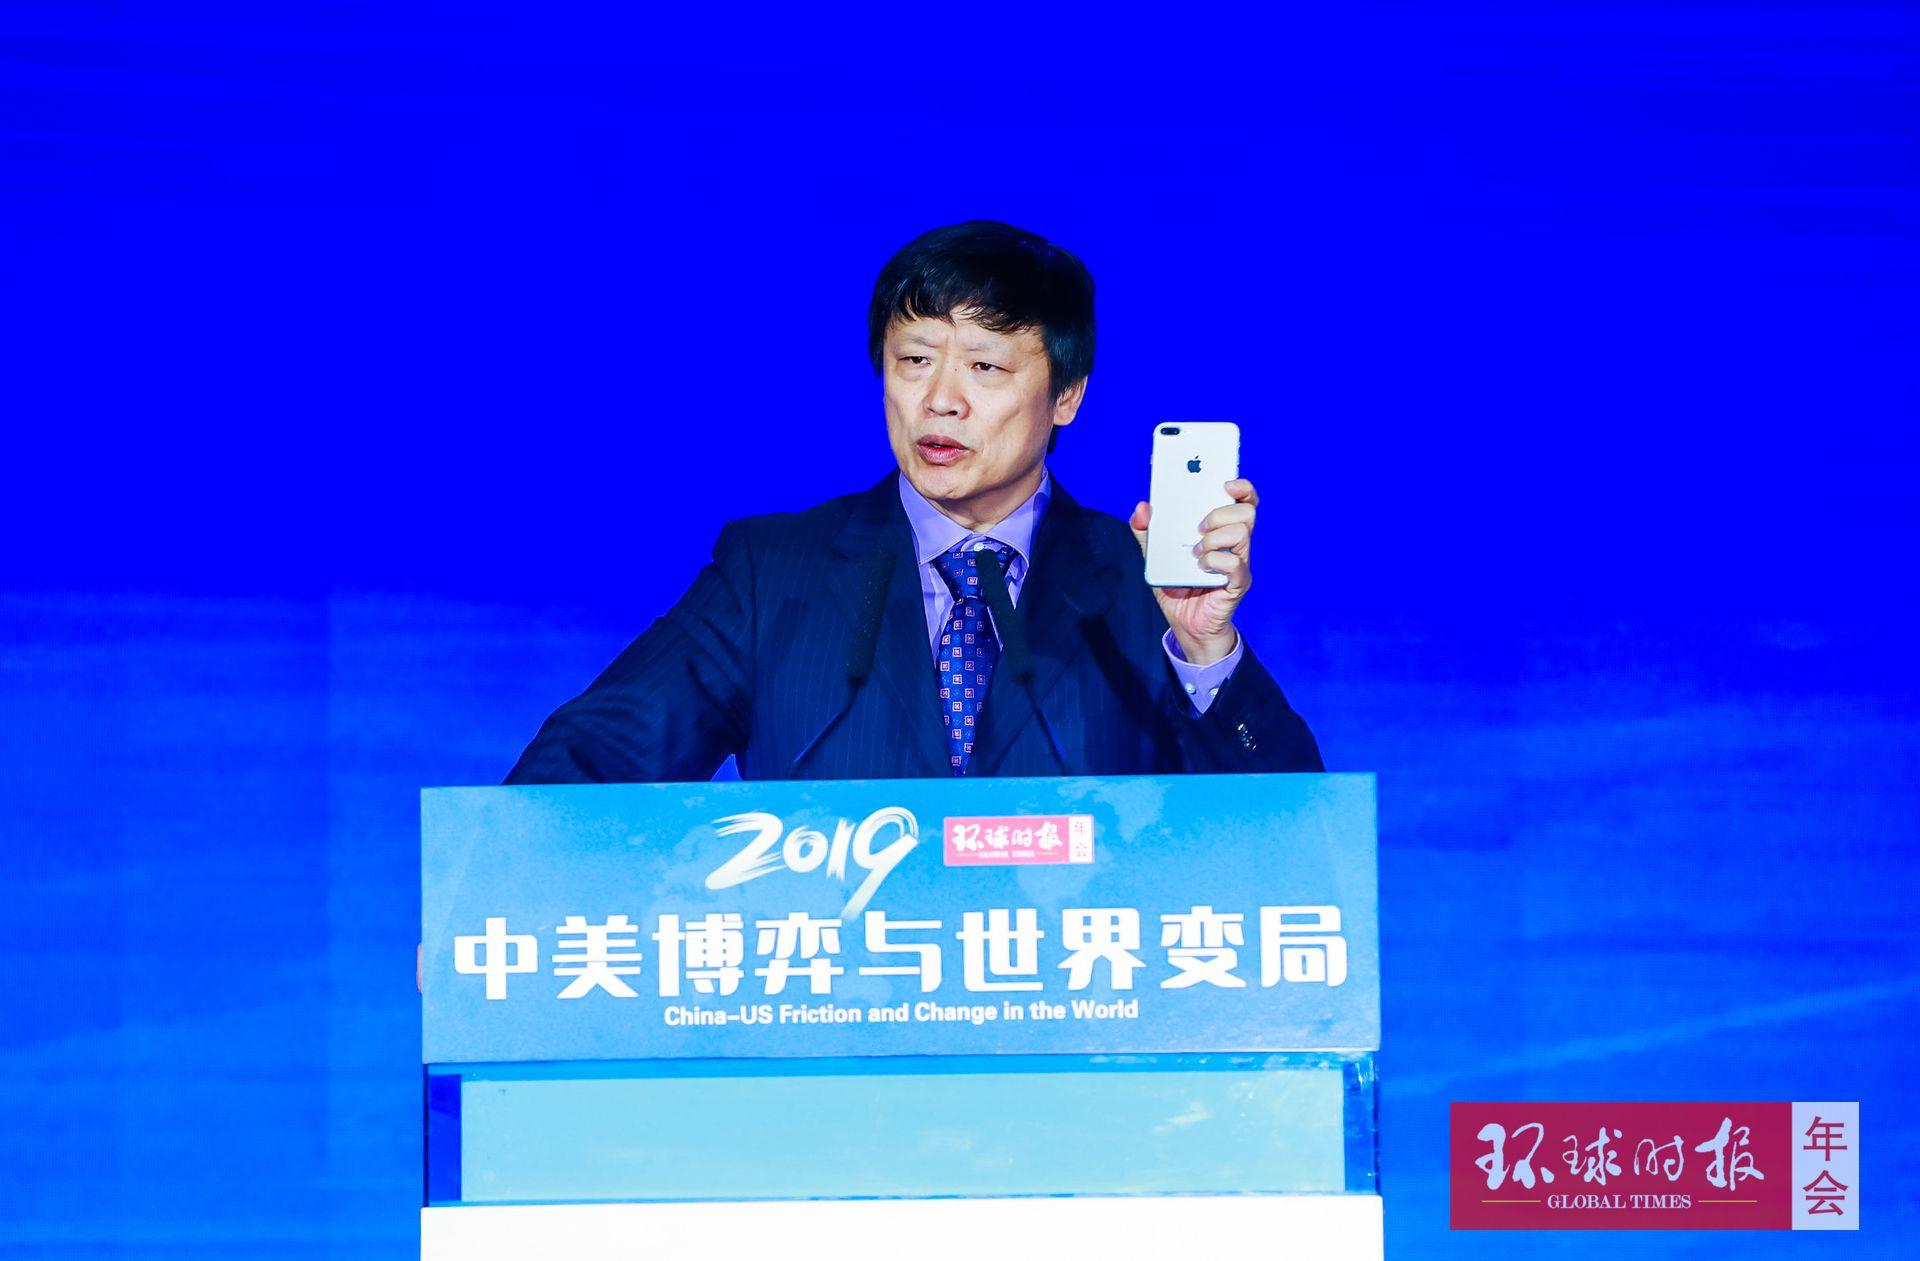 胡锡进谈为何用iPhone发博挺华为:不应歧视外国品牌